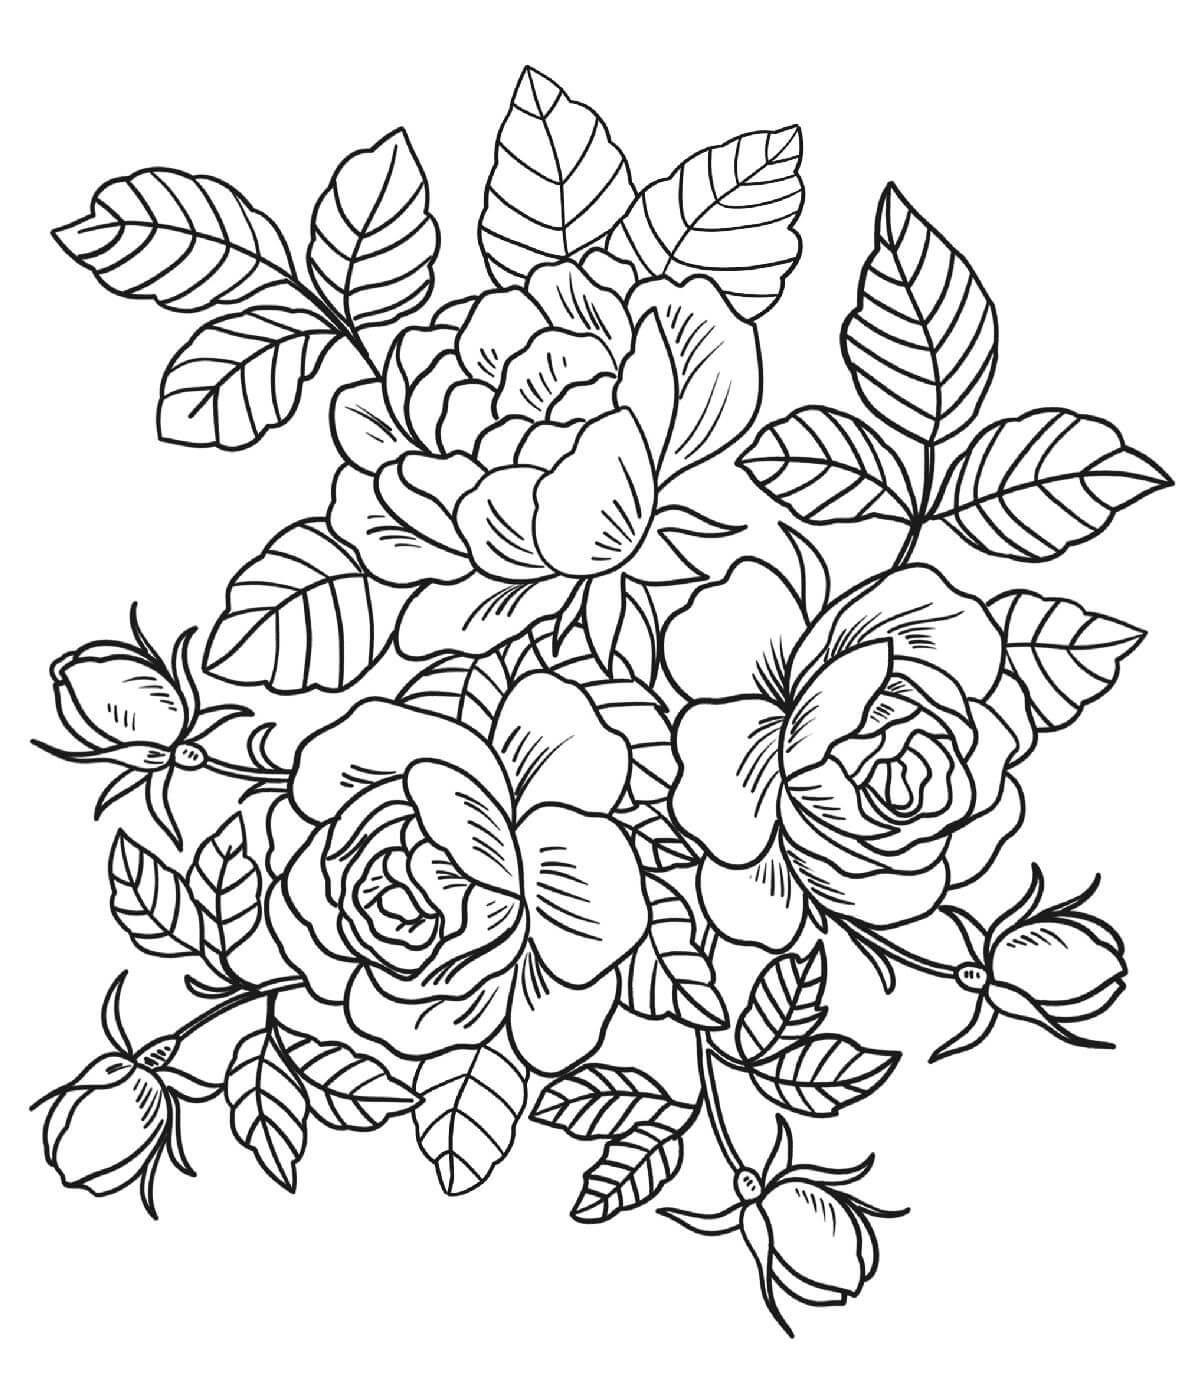 Раскраски с розами, горой черепов вороном